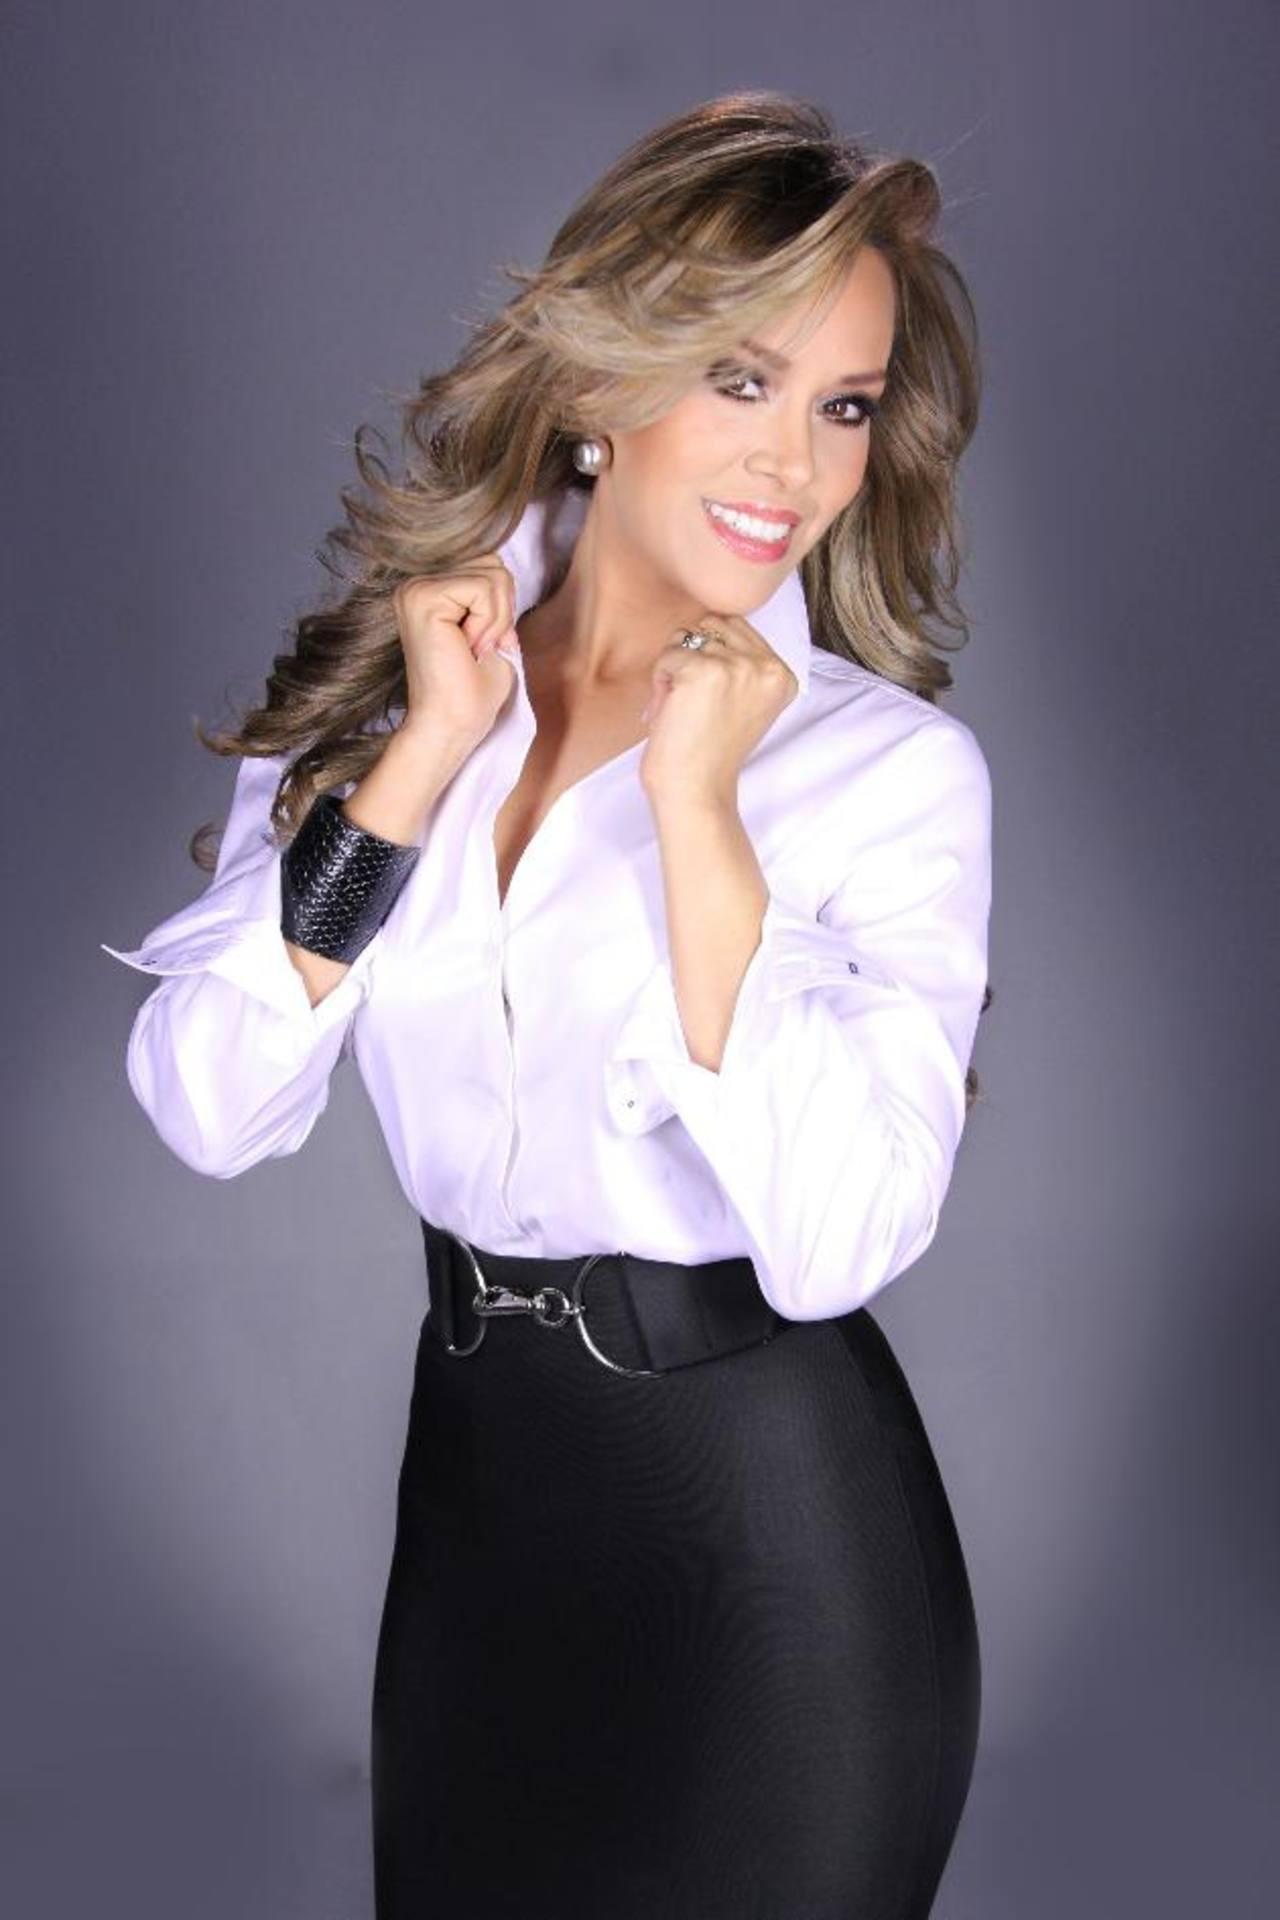 La carismática presentadora espera con ansias el comienzo del nuevo concurso de baile. fotos facebook MQB